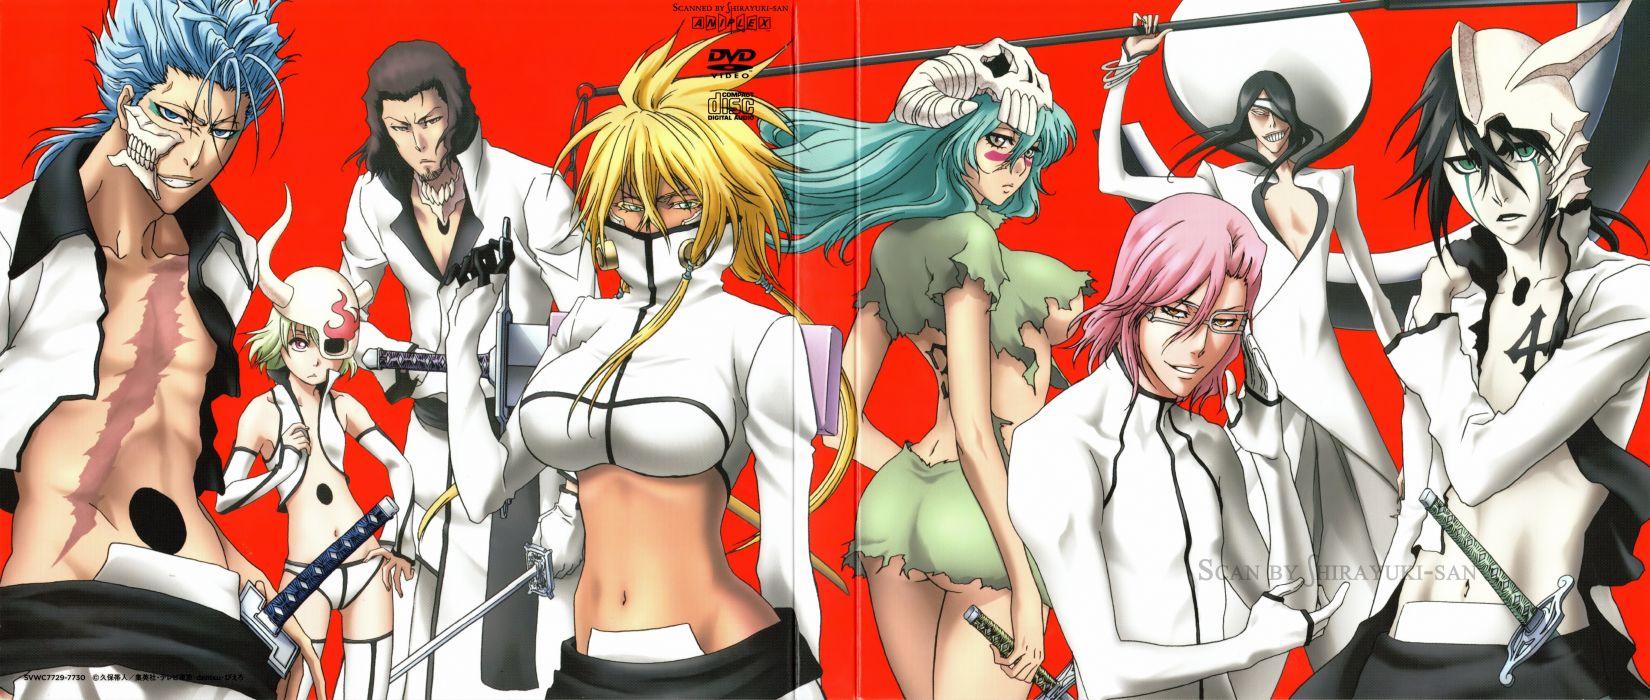 Bleach anime girl beauty lovely wallpaper